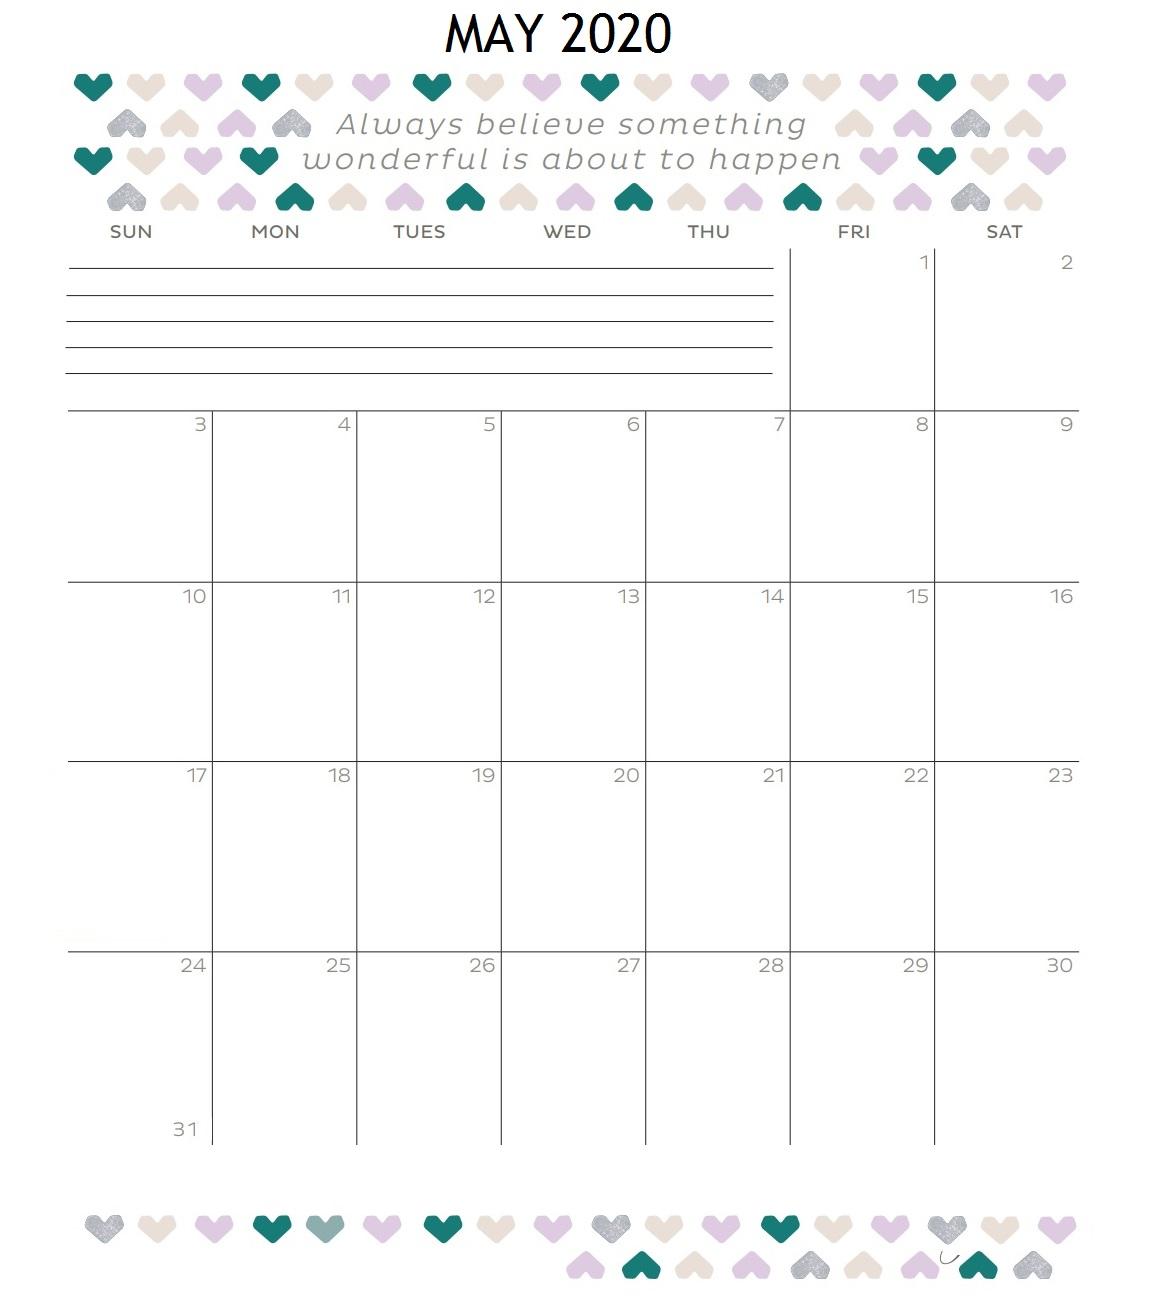 Inspiring May 2020 Quotes Calendar